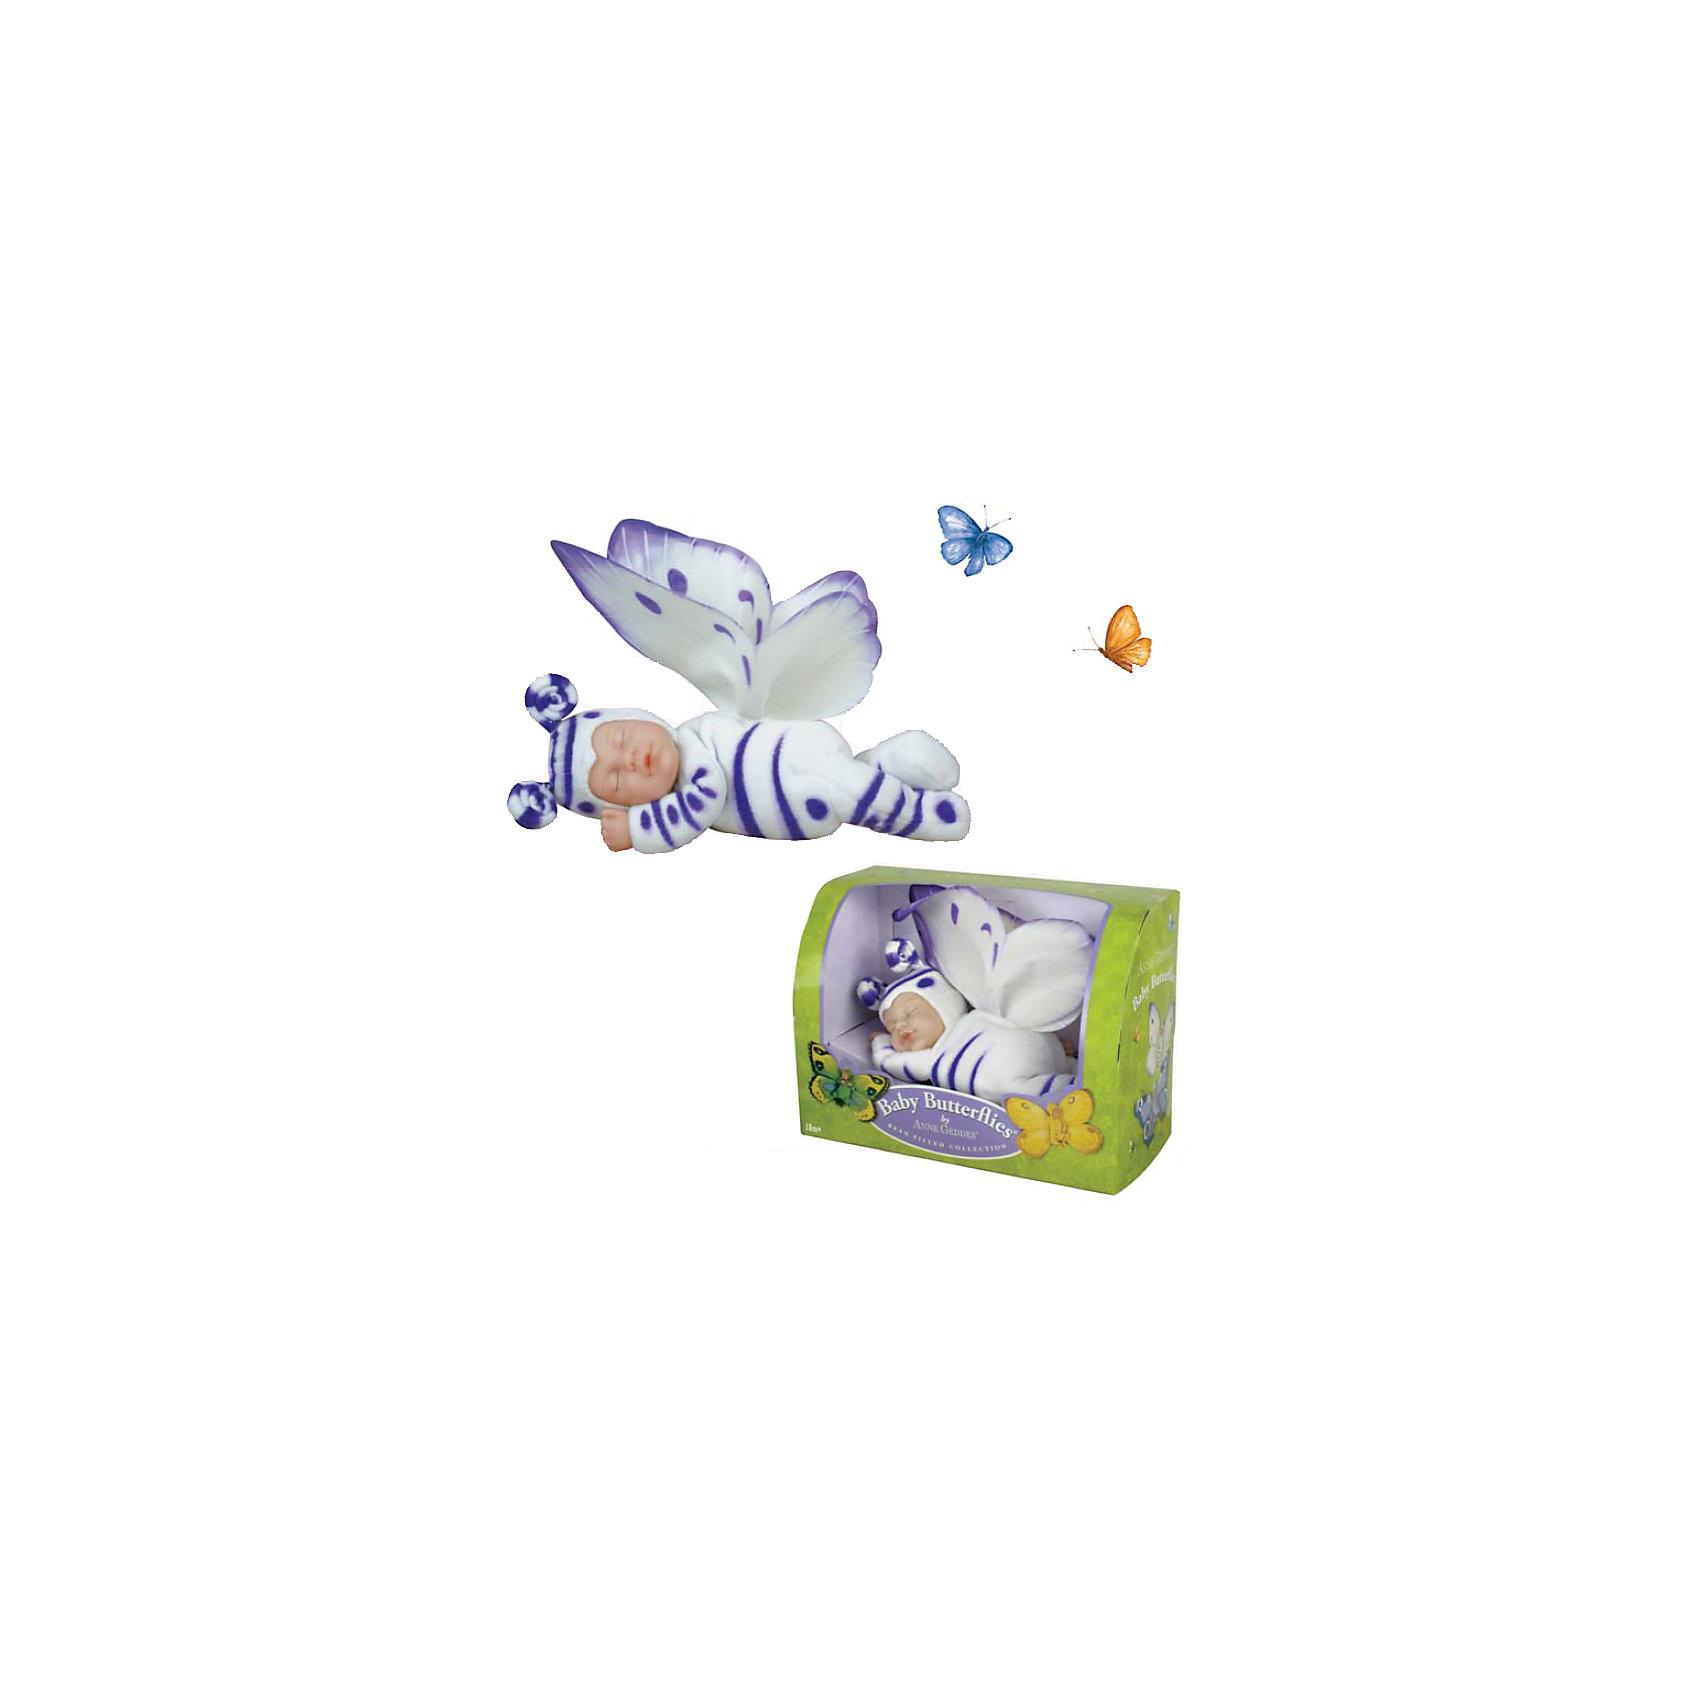 Кукла-бабочка Anne Geddes, 23 см, UNIMAXКуклы-пупсы<br>Чудесная мягкая Кукла-бабочка Anne Geddes (Энн Джеддес), 23 см, UNIMAX (Юнимакс) выпущена по лицензии всемирно известного фотографа Энн Джеддес, которая покорила сердца людей во всем мире своими неповторимыми изображениями младенцев. Кукла-бабочка – очередное произведение для любителей бабочек и кукол, – выполнена в мягком костюмчике бело-лилового цвета, с пышными крылышками и усиками на шапочке. Ваша девочка будет в восторге от этой уникальной куколки!<br> <br>Дополнительная информация:<br>-Материалы: винил, текстиль, гранулят<br>-Размеры в упаковке: 24х18х12 см<br>-Размер куклы: 23 см<br><br>Трогательная авторская Кукла-бабочка станет желанным подарком не только ребенку, но и взрослому коллекционеру, а также настоящим украшением интерьера Вашего дома!<br><br>Куклу-бабочку Anne Geddes (Энн Джеддес), 23 см, UNIMAX (Юнимакс) можно купить в нашем магазине.<br><br>Ширина мм: 240<br>Глубина мм: 180<br>Высота мм: 120<br>Вес г: 438<br>Возраст от месяцев: 36<br>Возраст до месяцев: 96<br>Пол: Женский<br>Возраст: Детский<br>SKU: 4286361